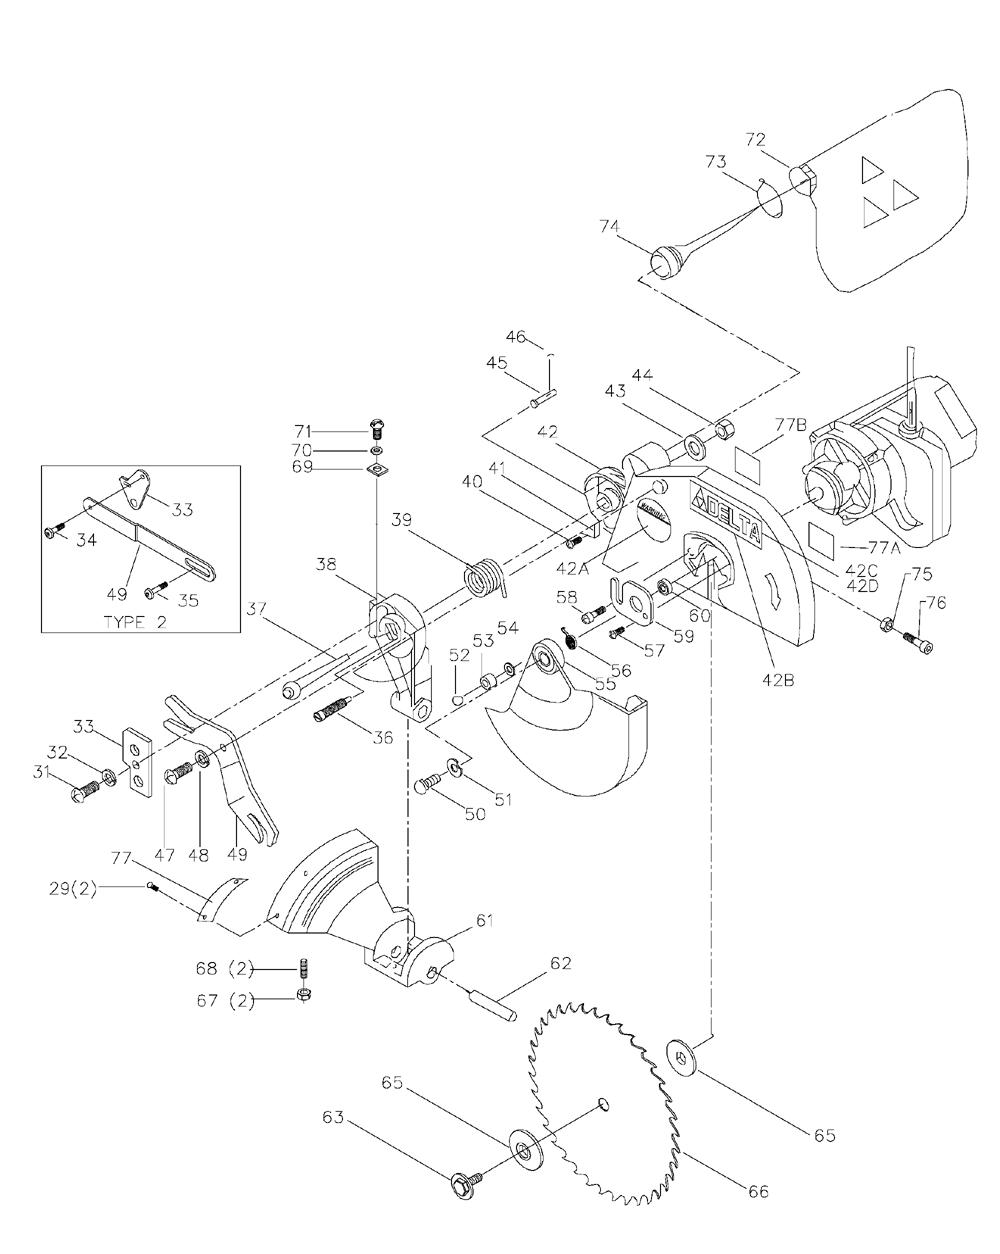 36-040-Delta-T2-PB-1Break Down